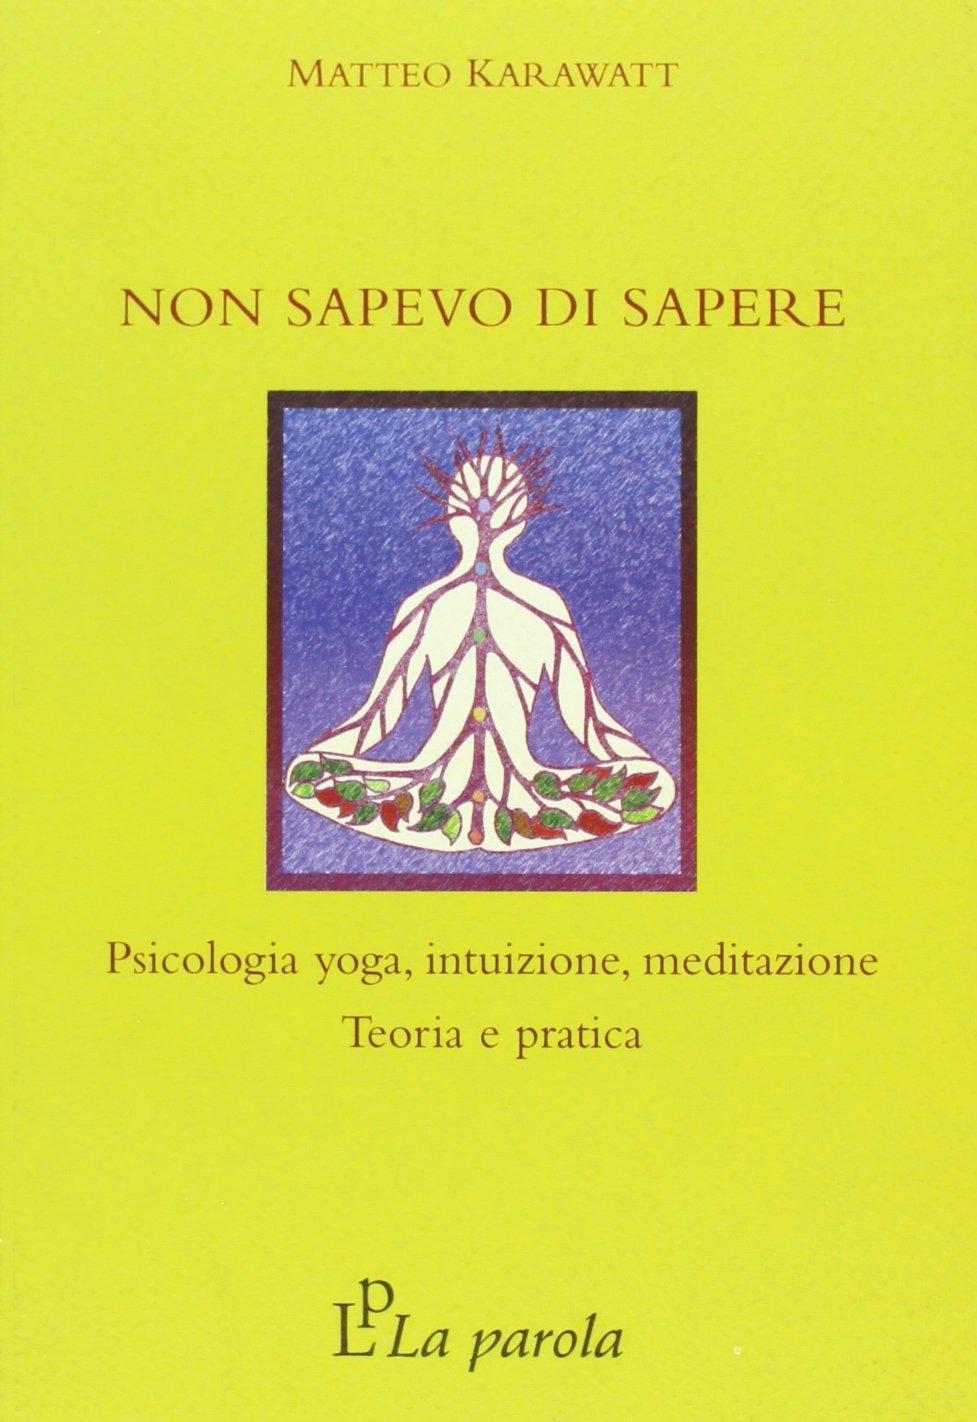 Non sapevo di sapere. Psicologia yoga, intuizione, meditazione. Teoria e pratica